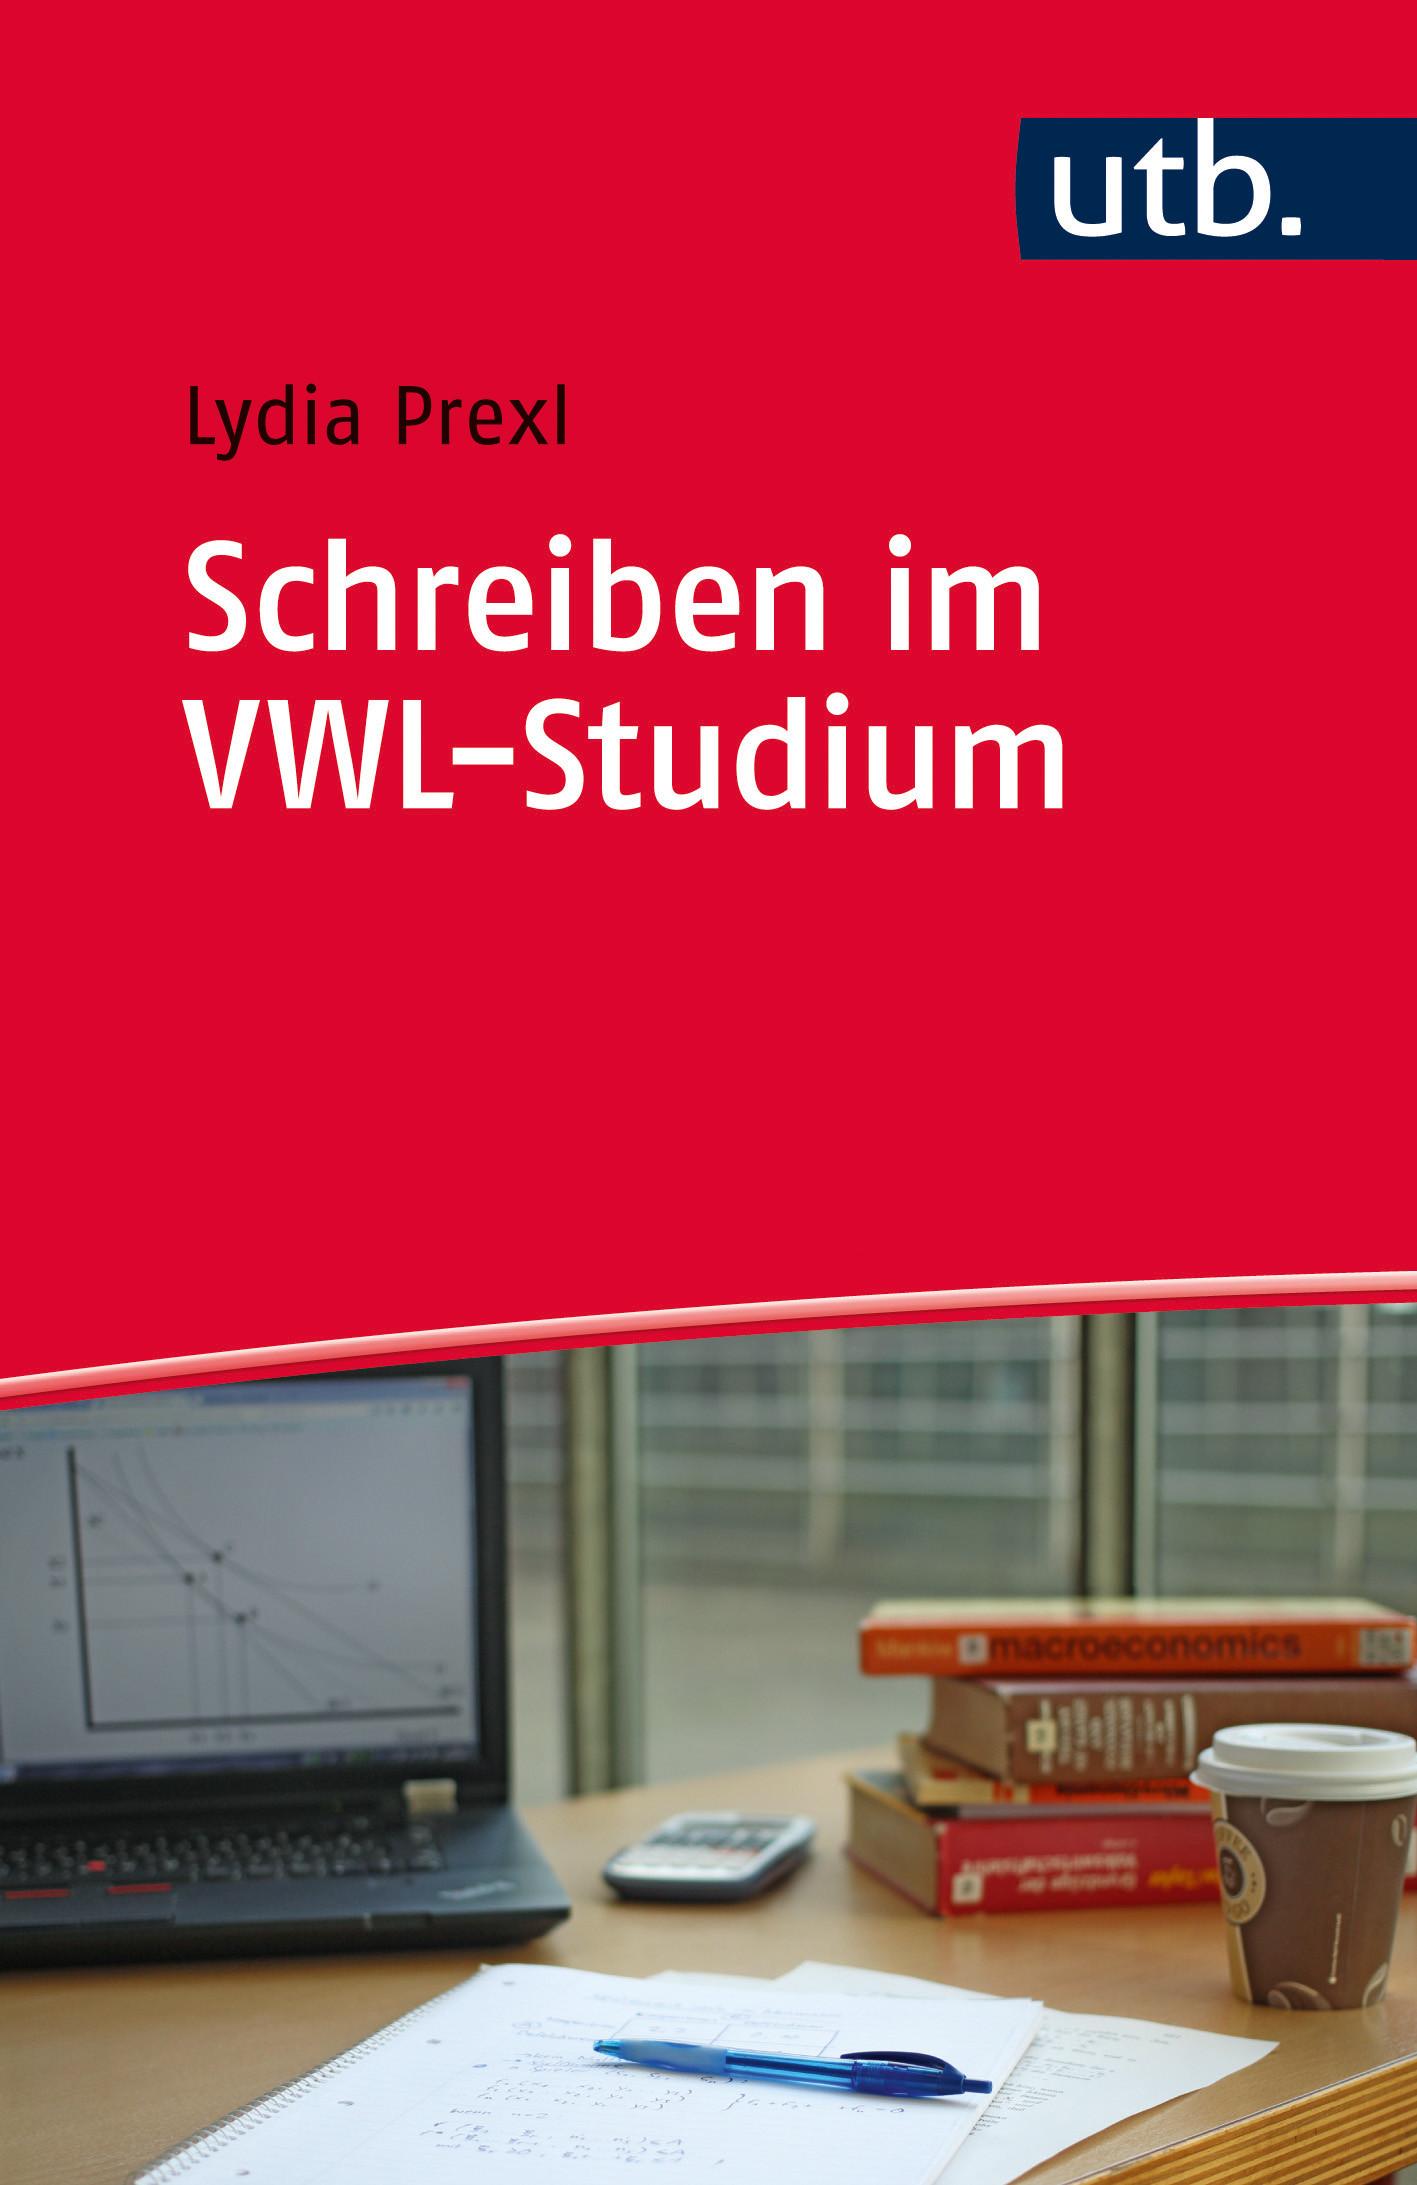 Schreiben im VWL-Studium